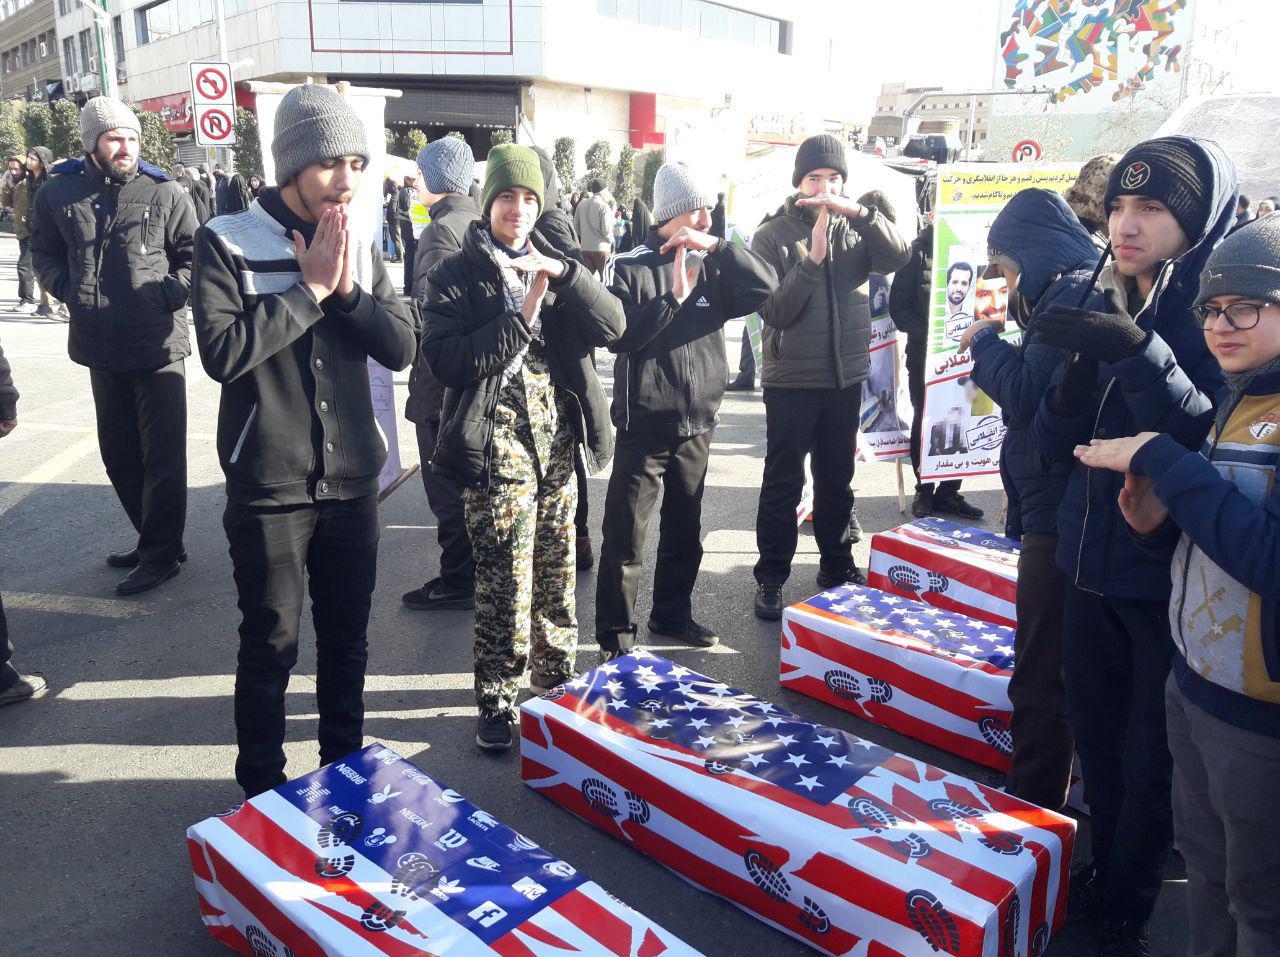 حضور پرشور مردم ایران اسلامی در راهپیمایی یومالله ۲۲ بهمن/تشییع جنازه تروریستهای آمریکایی